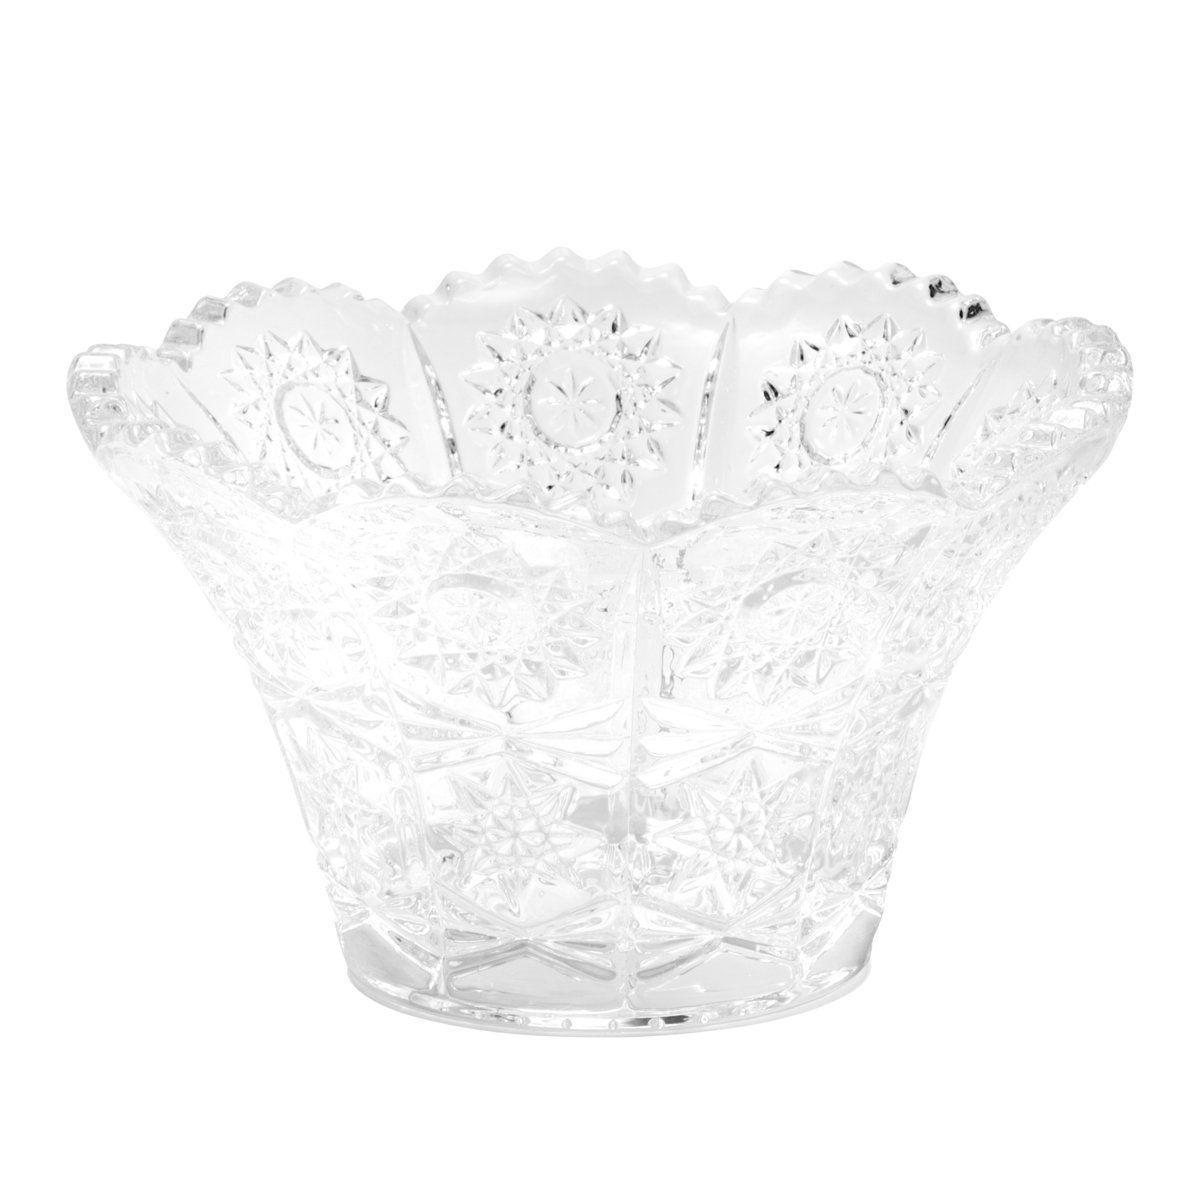 Jogo 6 bowls 12,5 cm para sobremesa de cristal transparente Starry Wolff - 25547